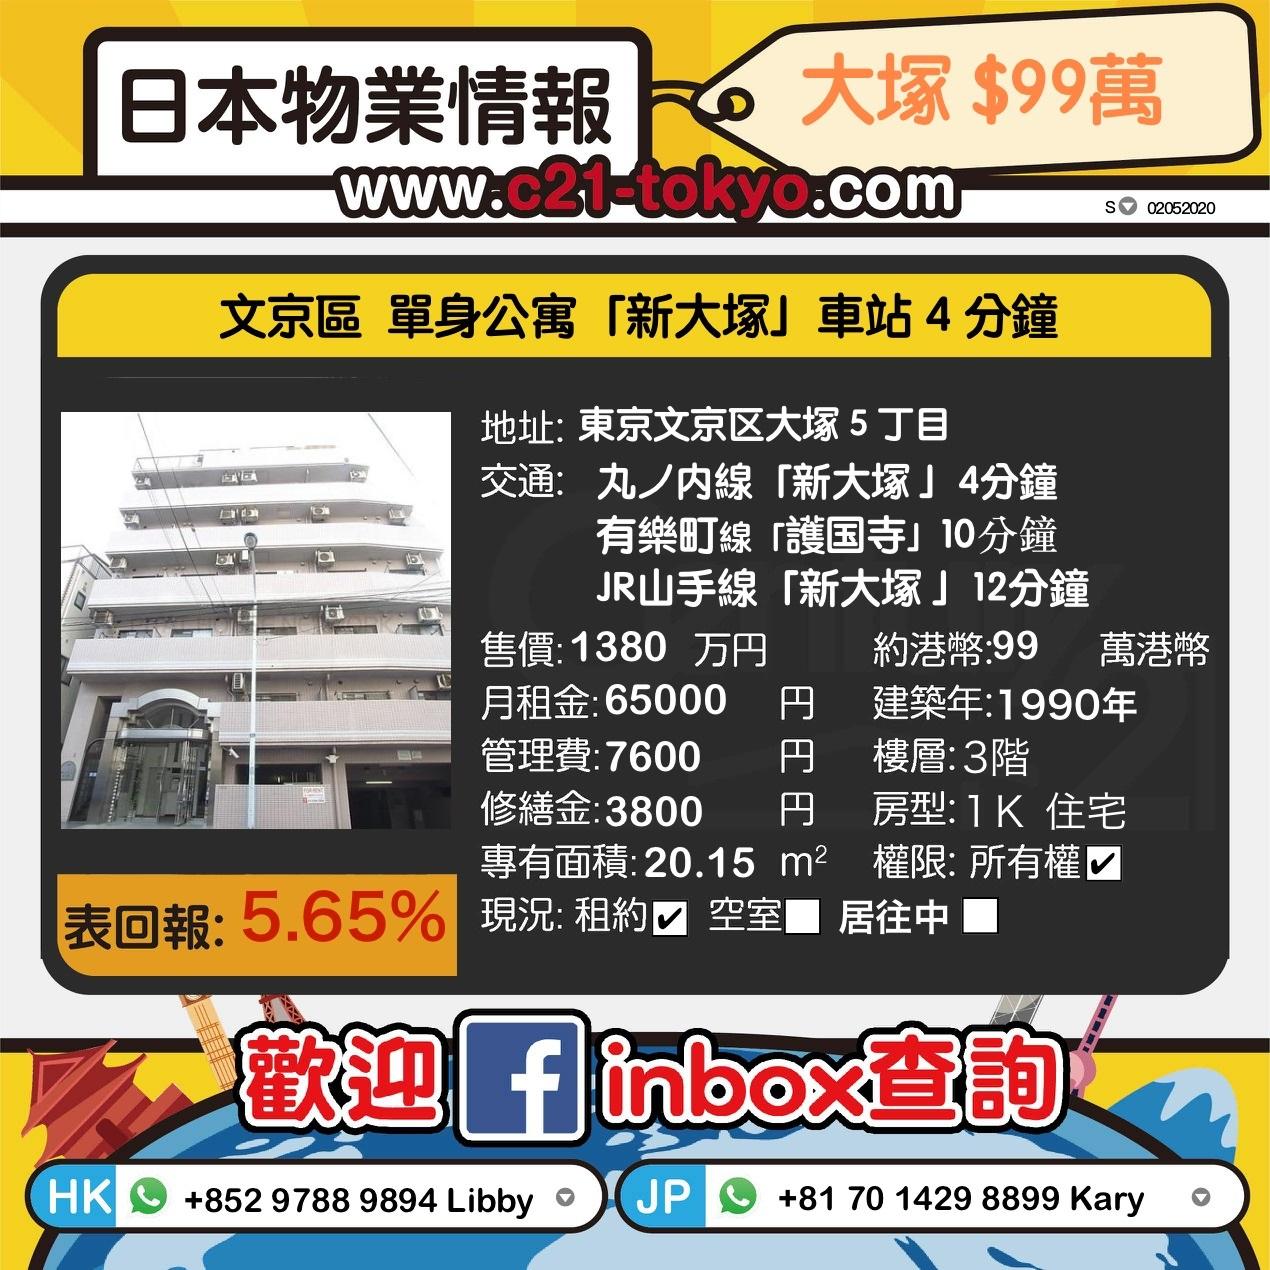 文京區 3缐利用 物業